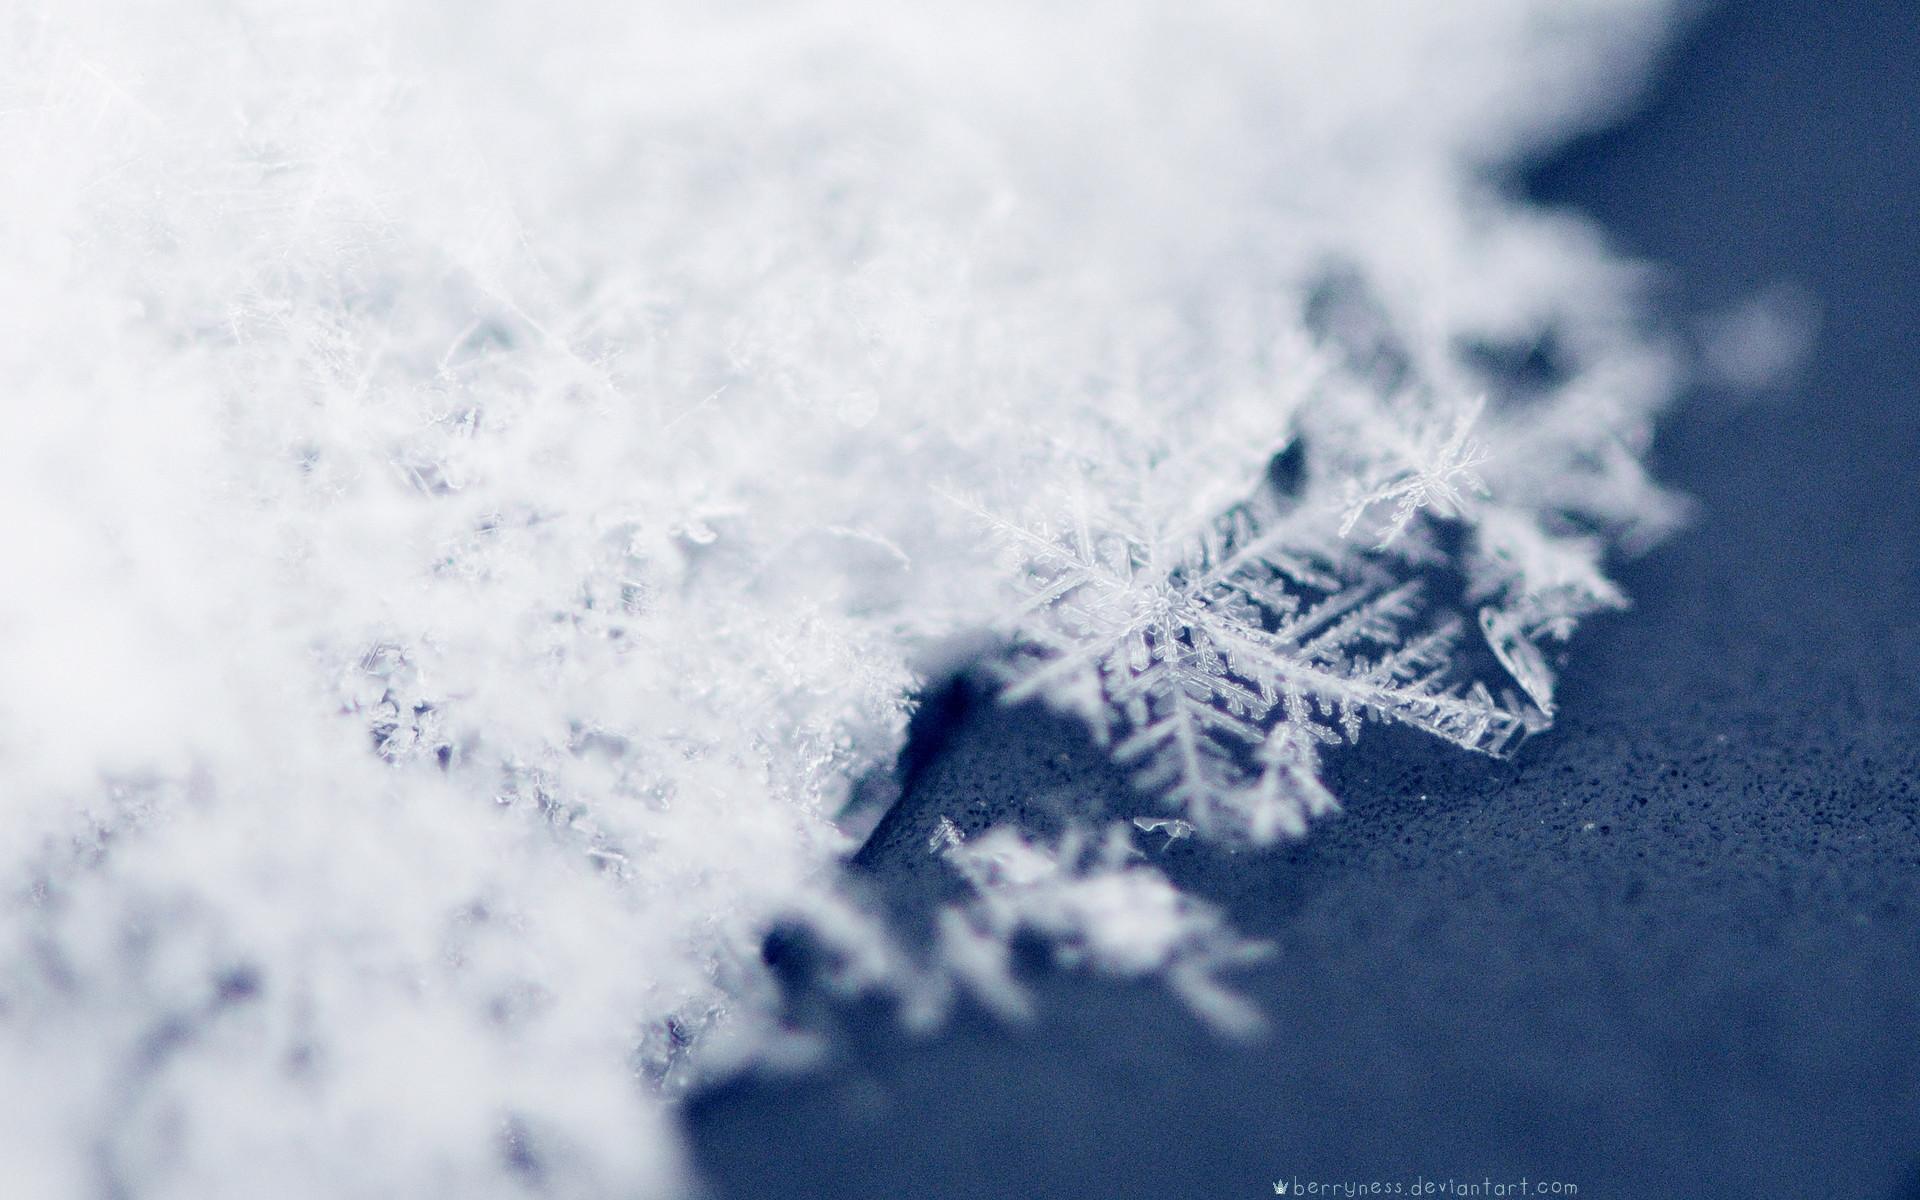 Snow Snowflakes Wallpaper Snow, Snowflakes #3971